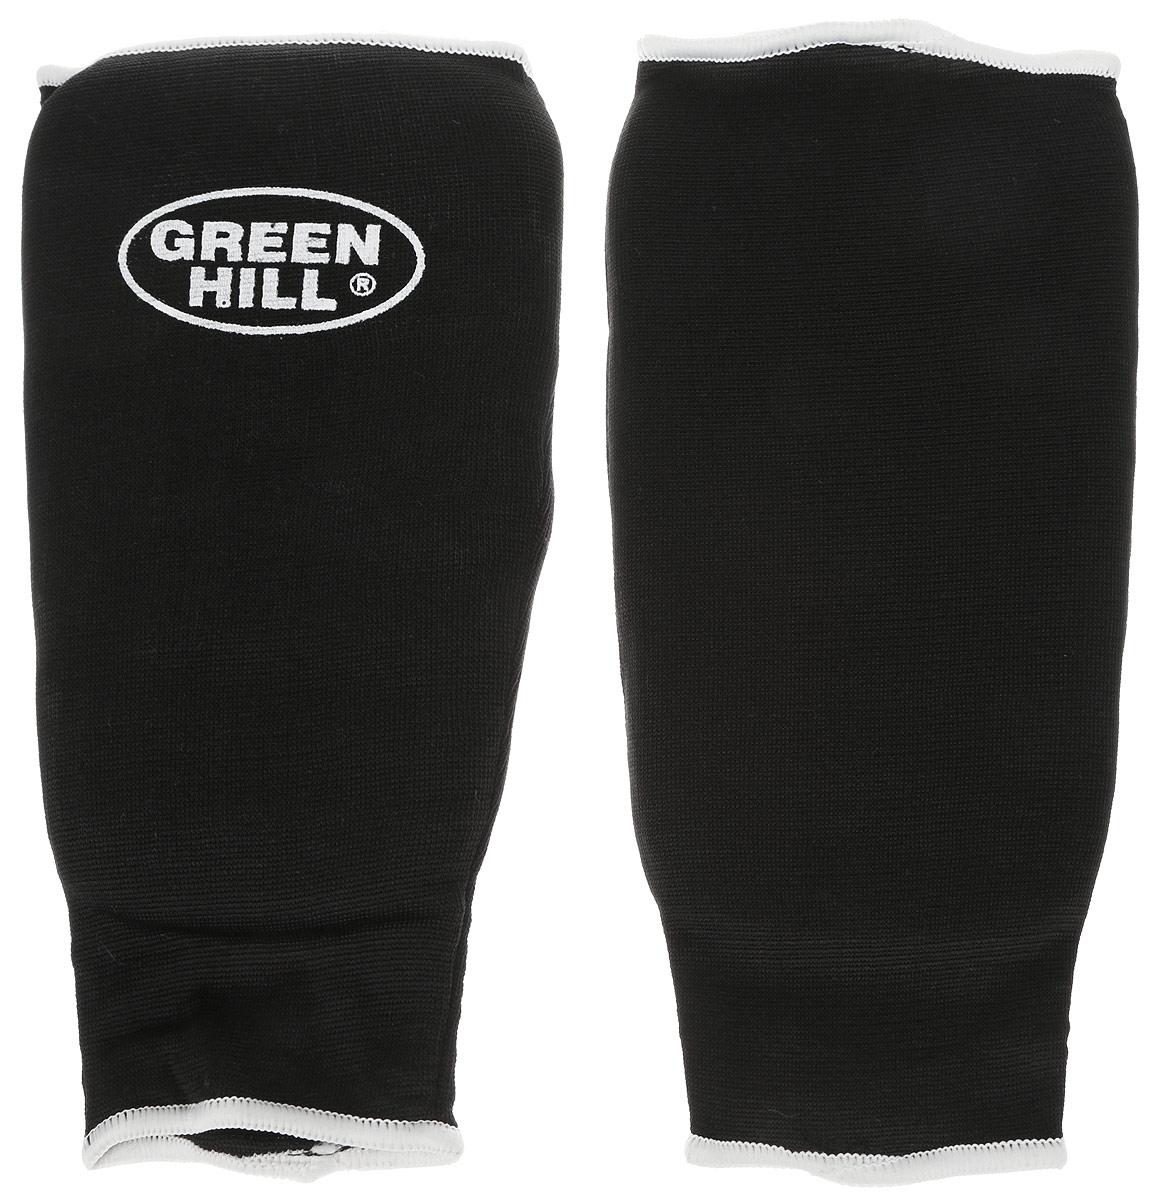 Защита голени Green Hill, цвет: черный, белый. Размер S. SPC-6210SPC-6210Защита голени Green Hill с наполнителем, выполненным из вспененного полимера, необходима при занятиях спортом для защиты суставов от вывихов, ушибов и прочих повреждений. Накладки выполнены из высококачественного эластана и хлопка.Длина голени: 23,5 см.Ширина голени: 14 см.